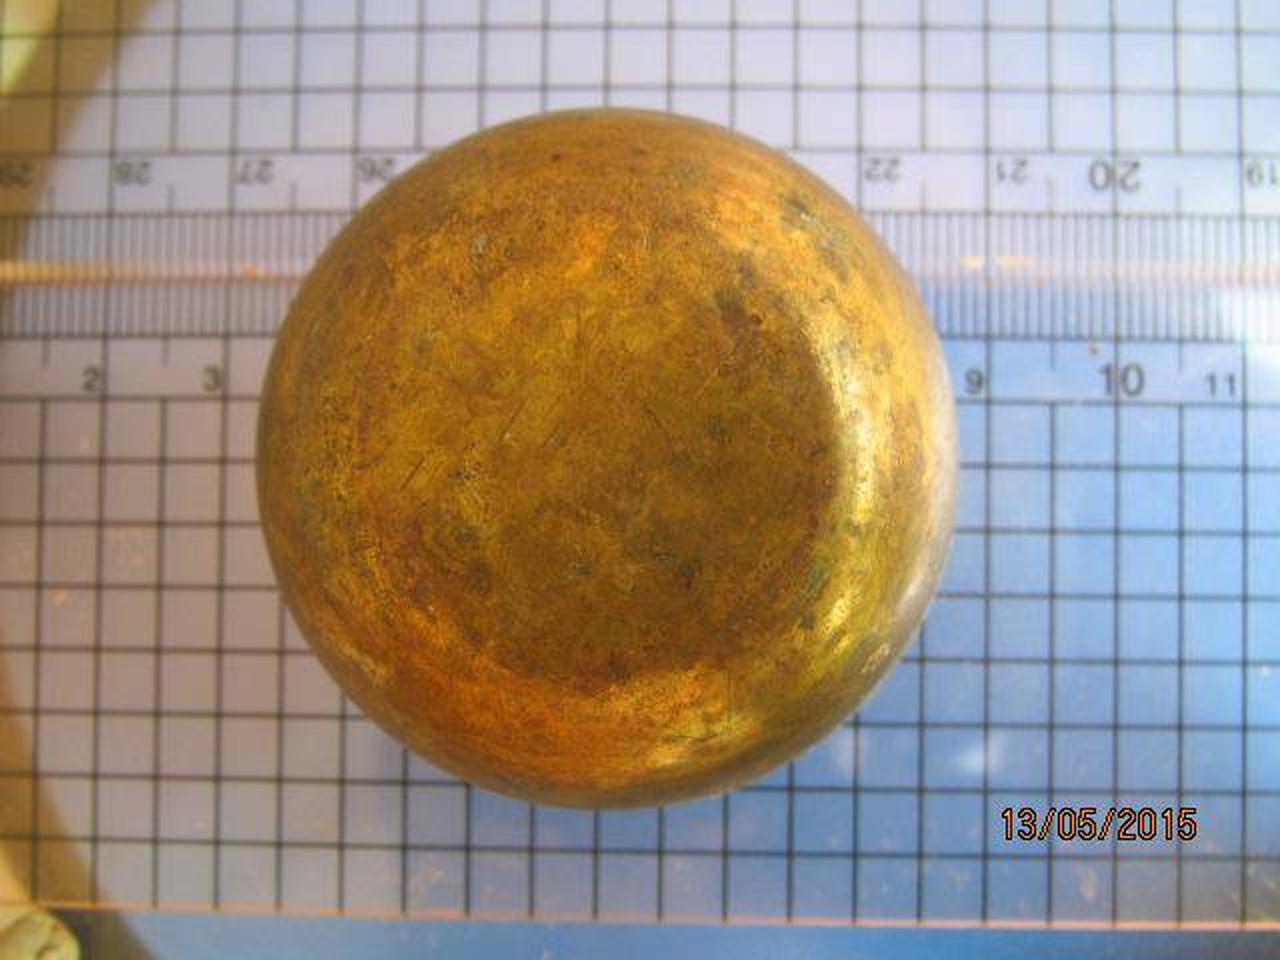 1982 ถ้วยทองเหลือง ความกว้างขนาด 2 นิ้ว สูง 1 นิ้ว ถ้วยทองเห รูปที่ 4